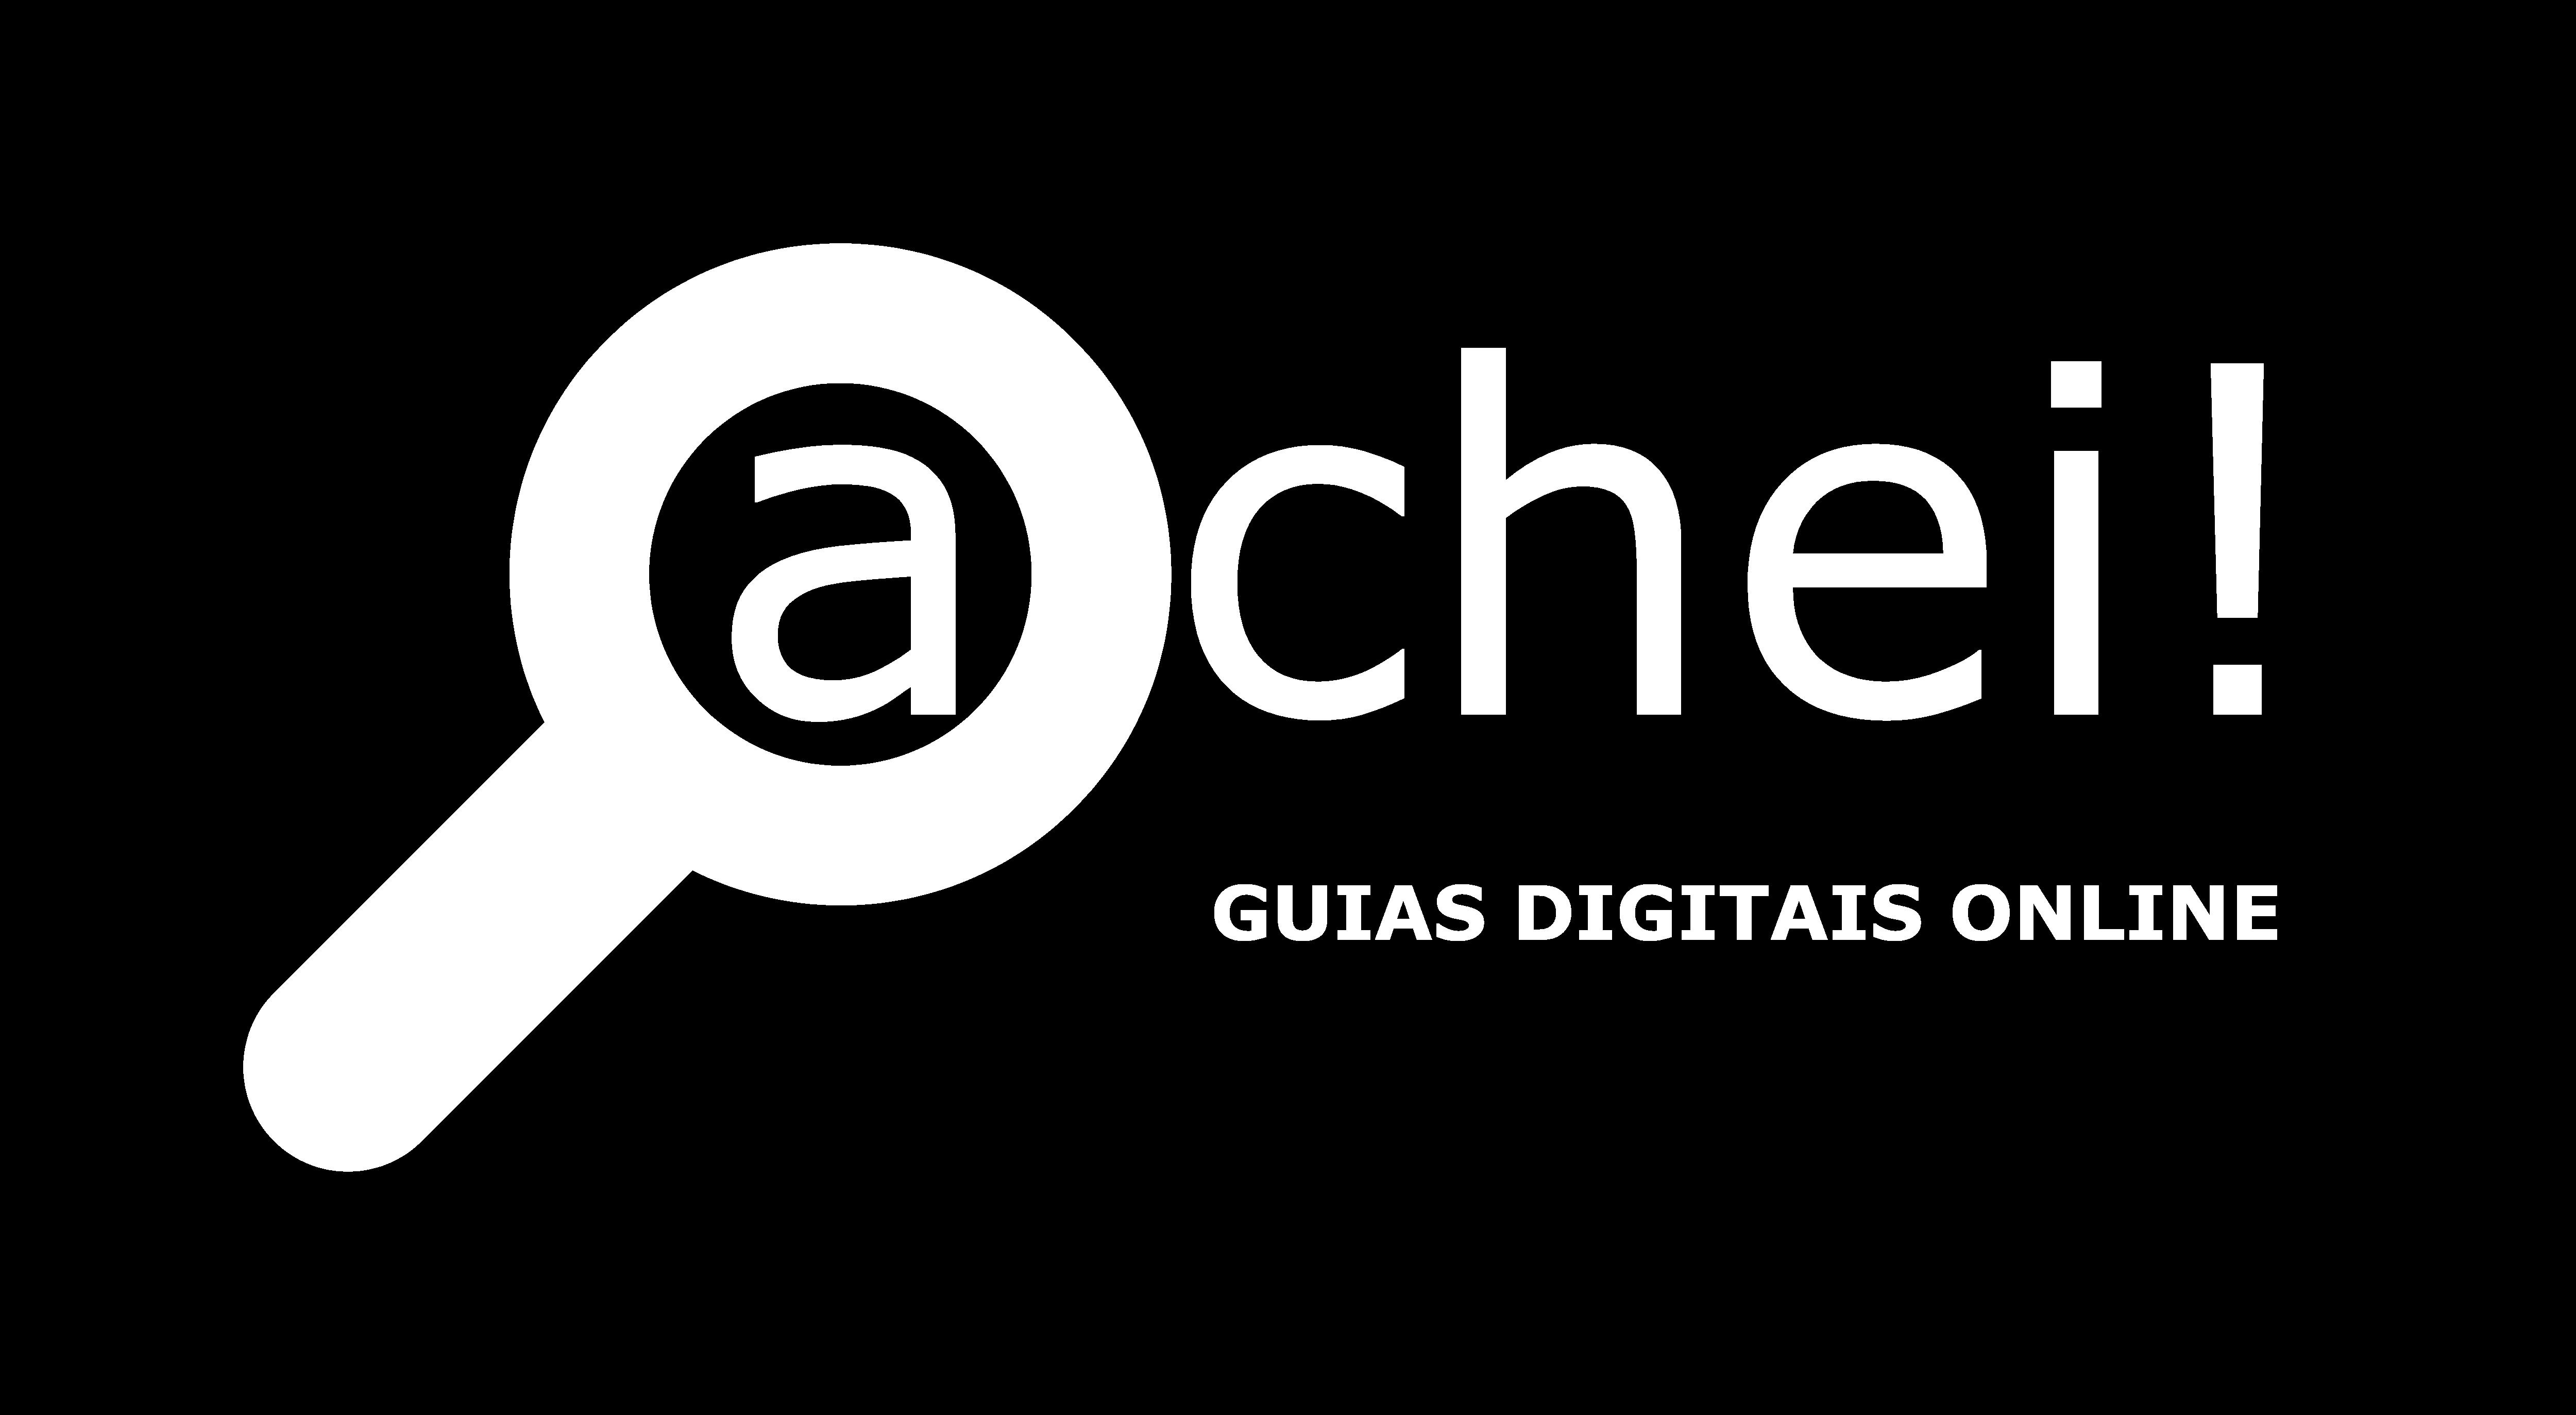 Achei ! - Guias Digitais Online